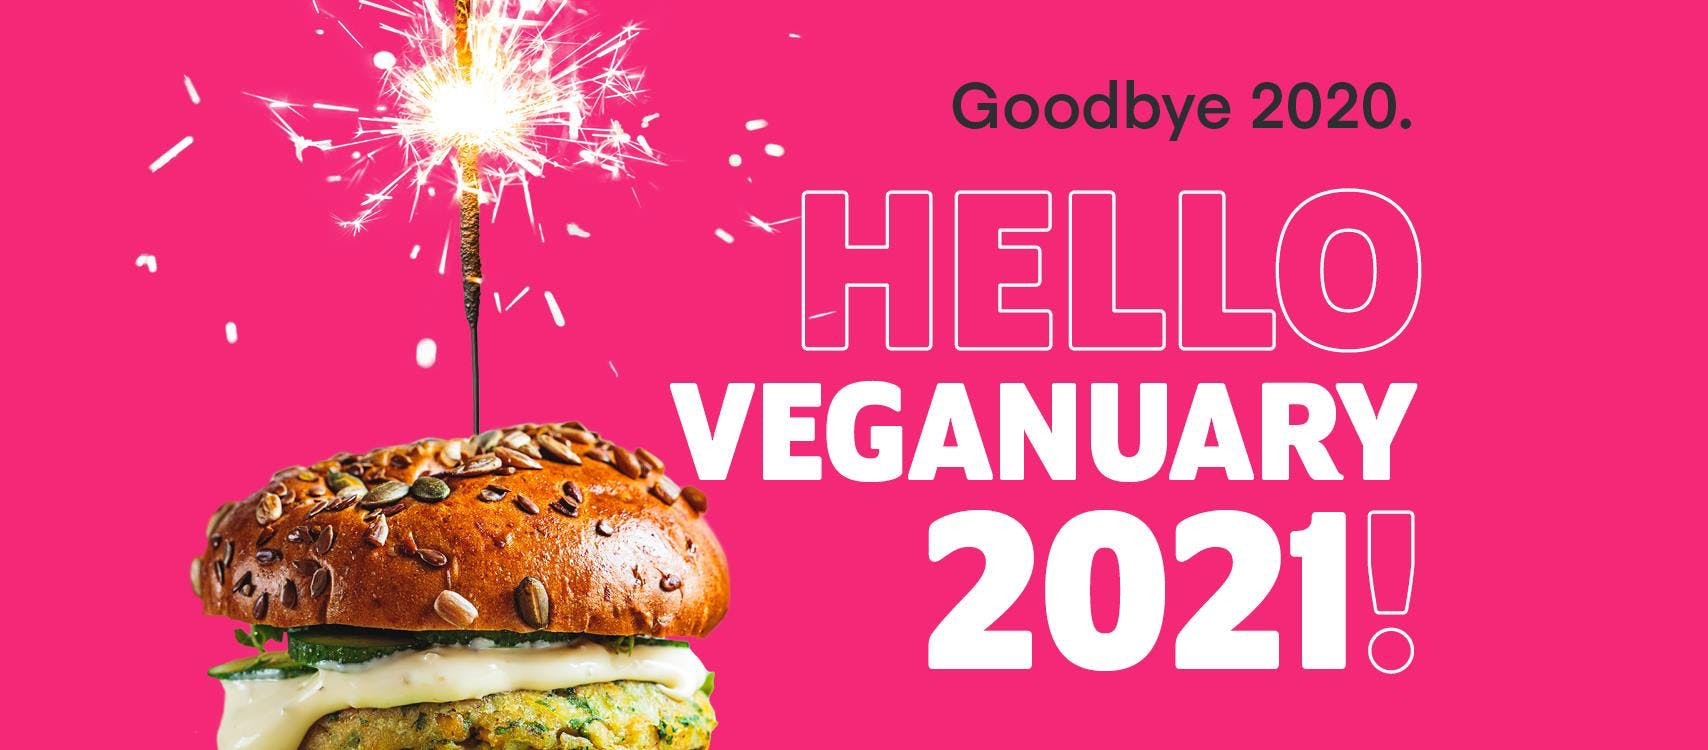 veganuary 2021 banner